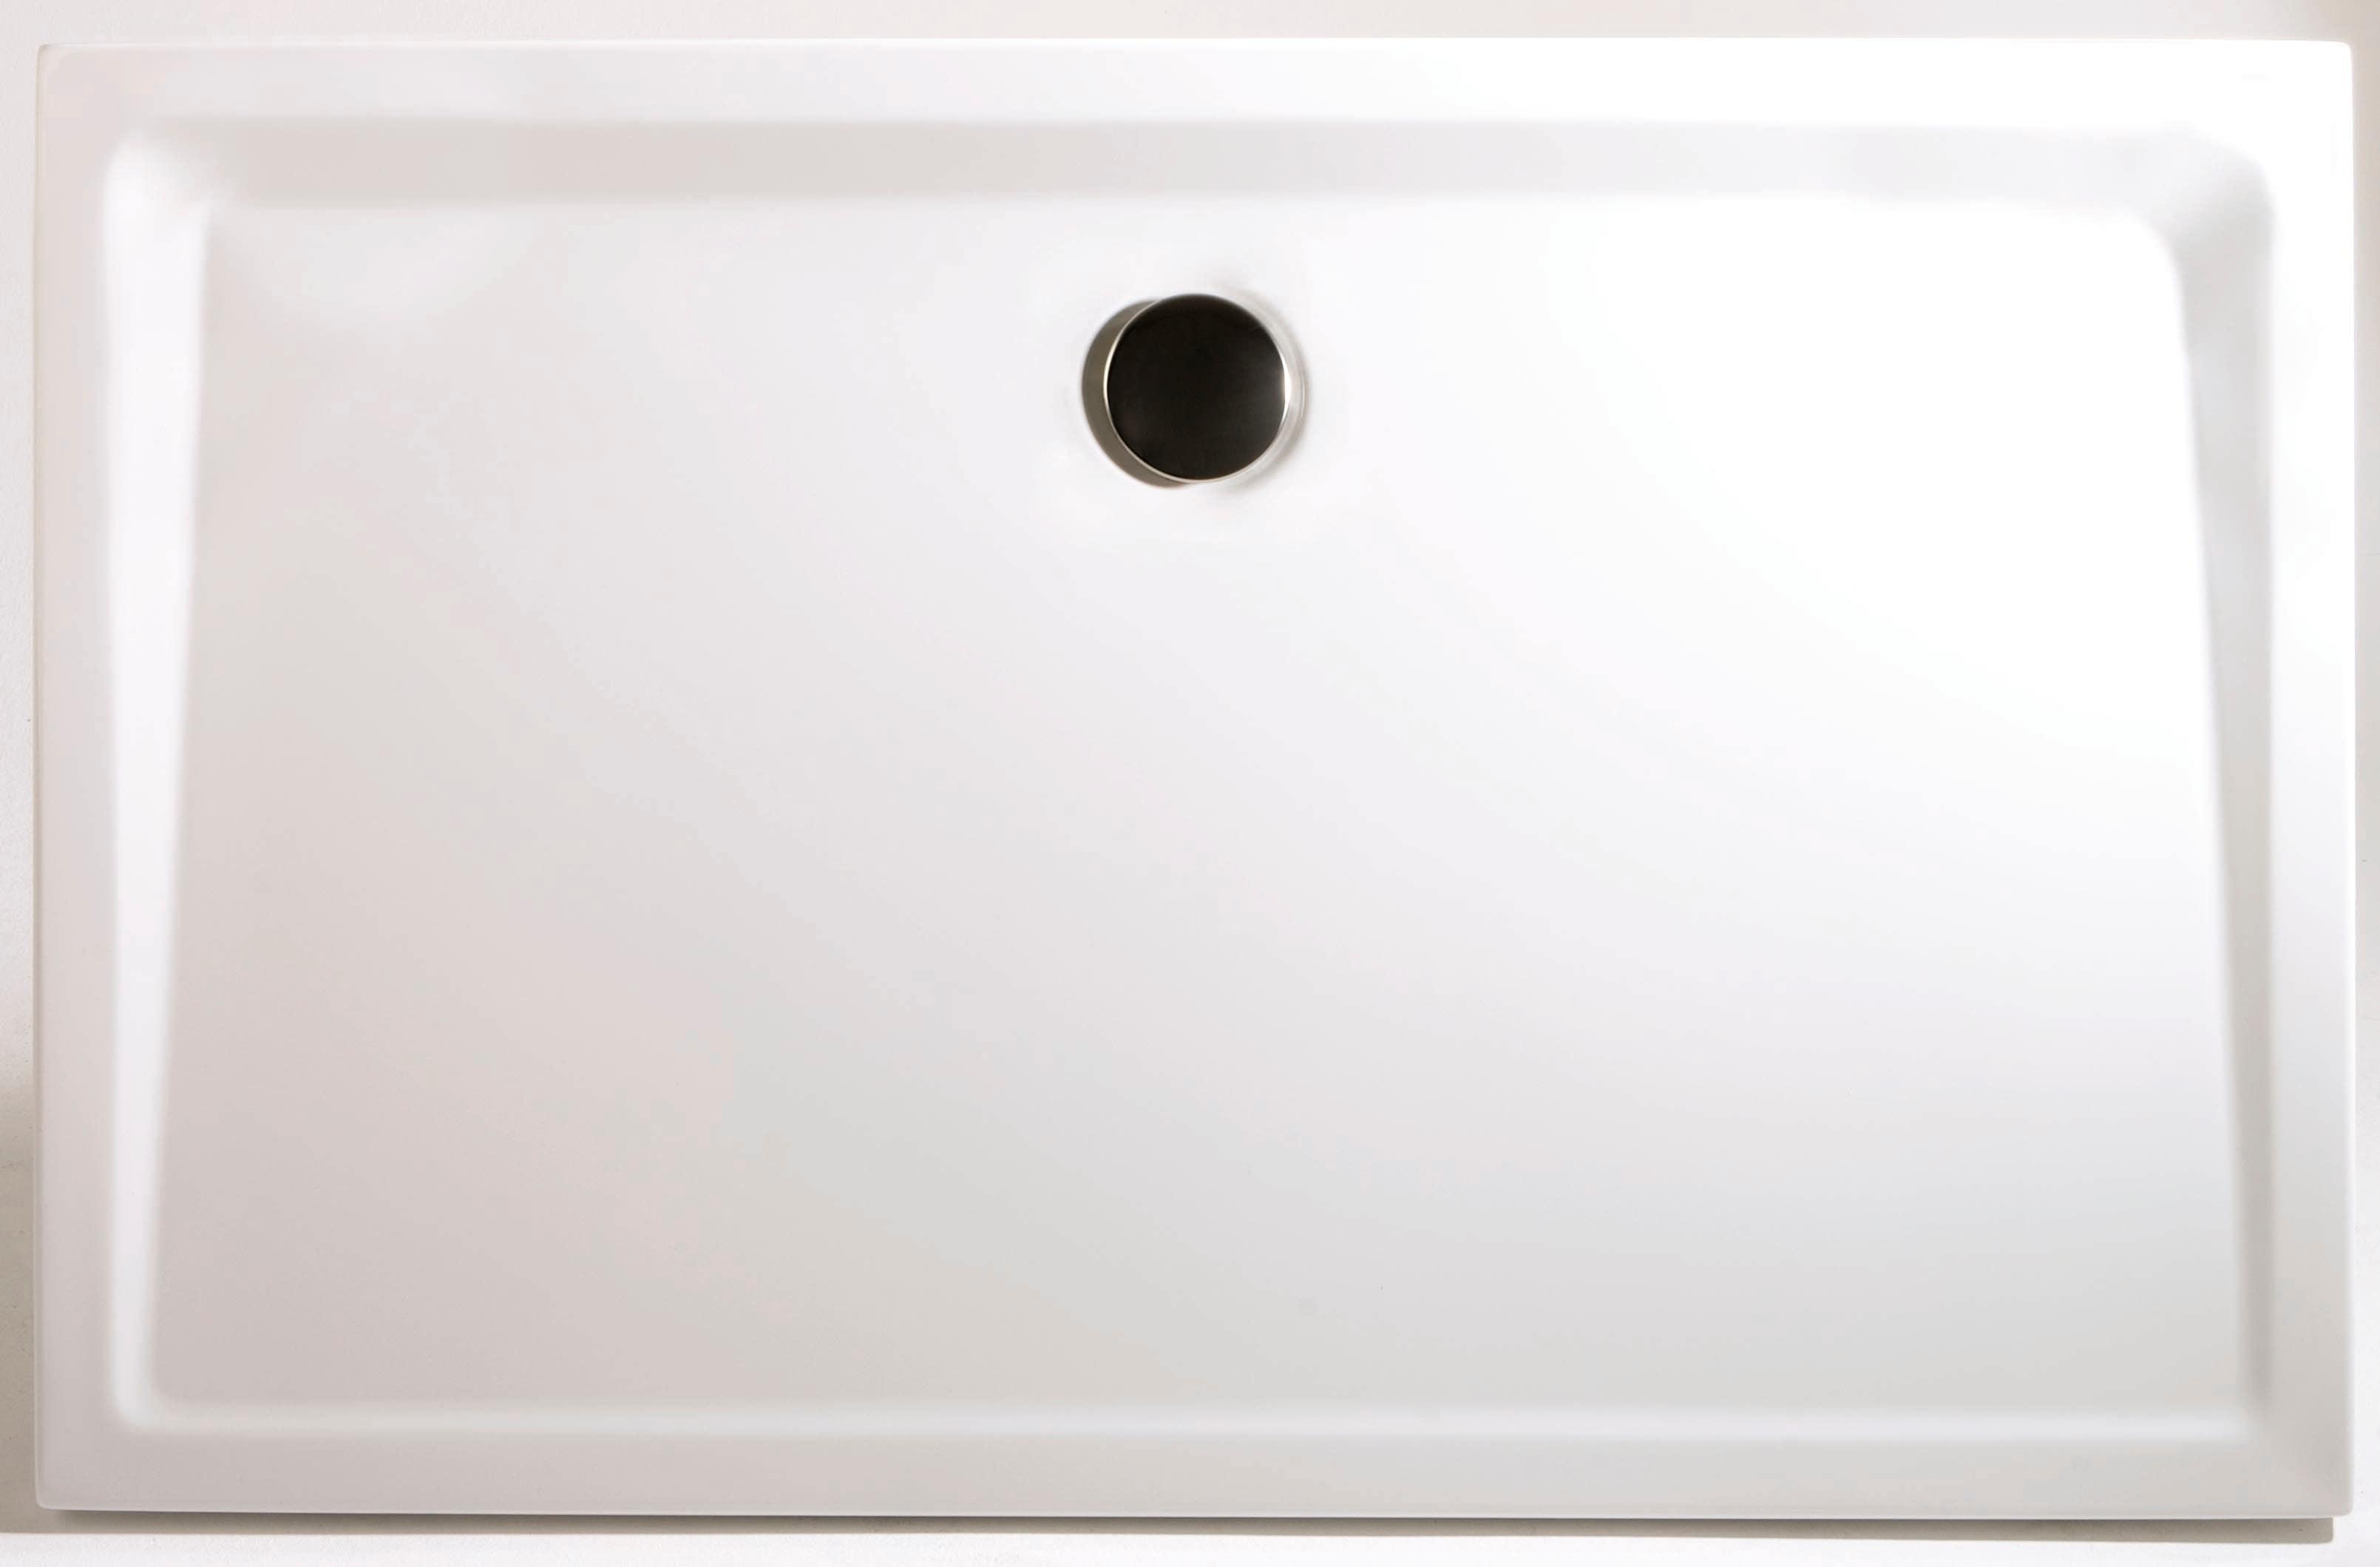 Schulte Rechteckduschwanne »Extraflach«, 80/120 cm   Bad > Duschen > Duschwannen   Weiß   SCHULTE